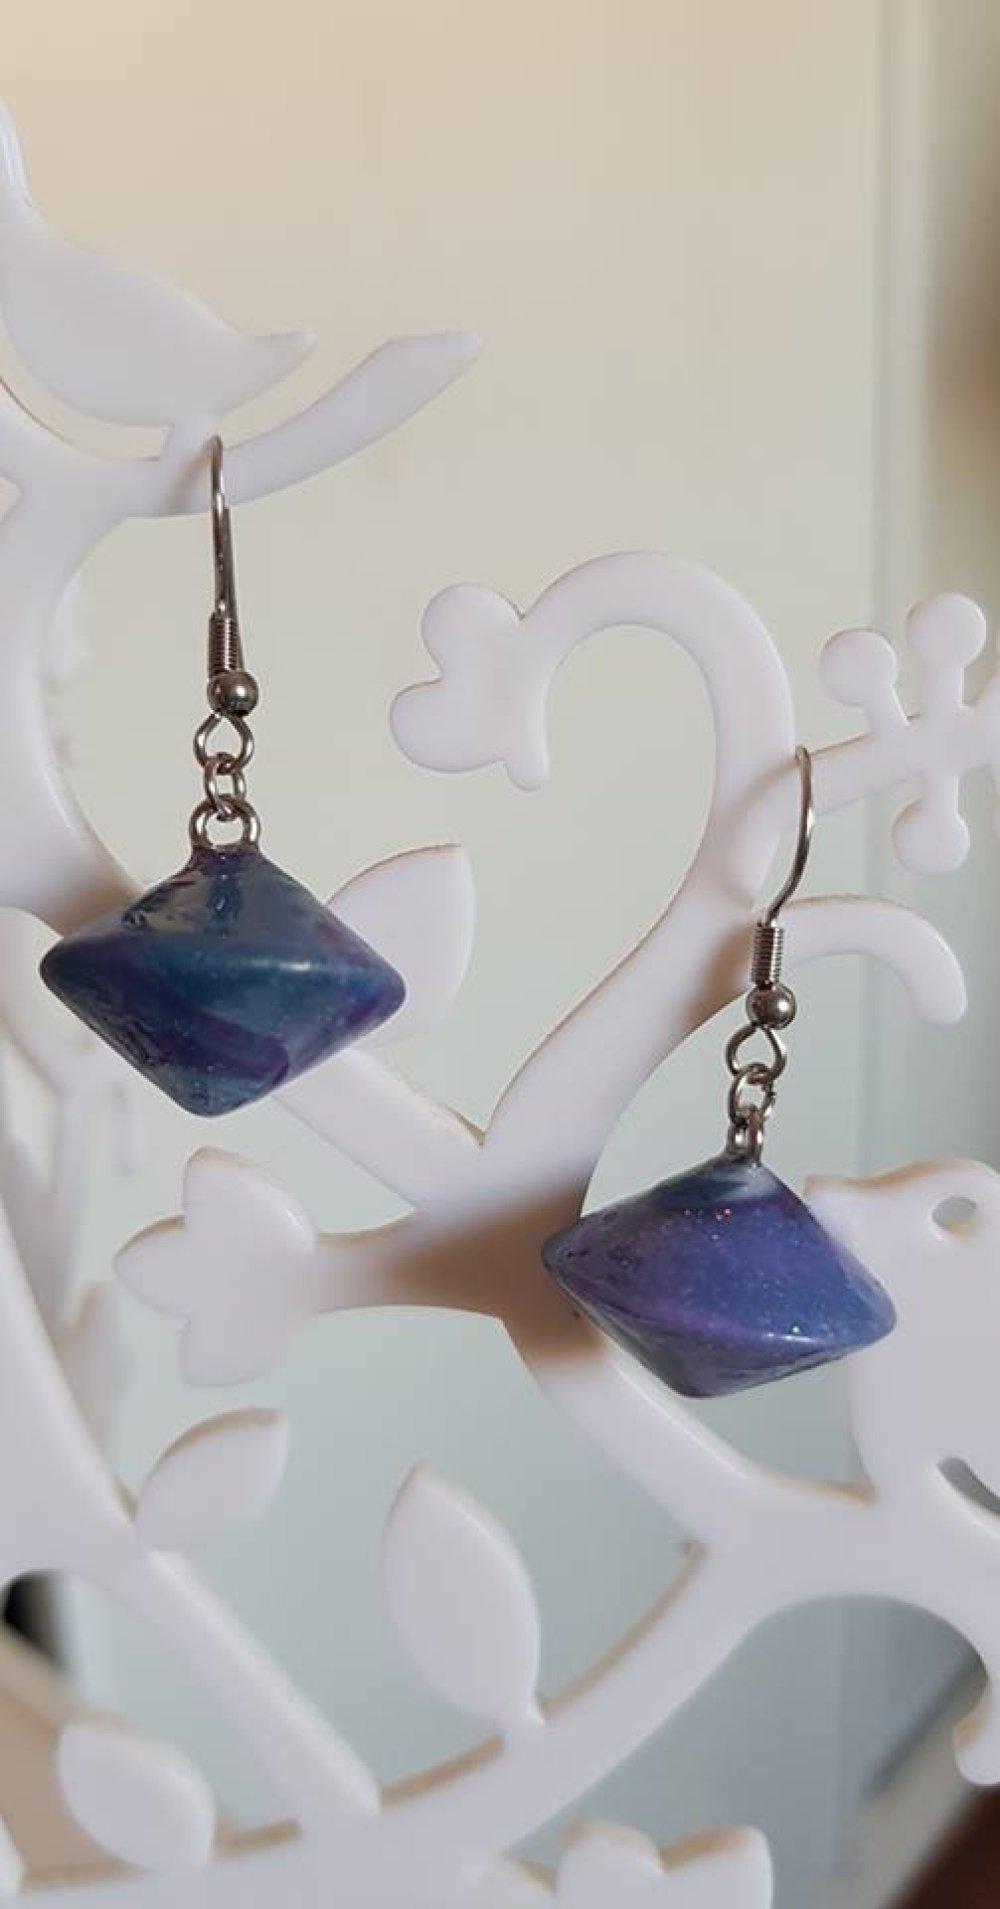 boucle d'oreille violet acier inoxydable